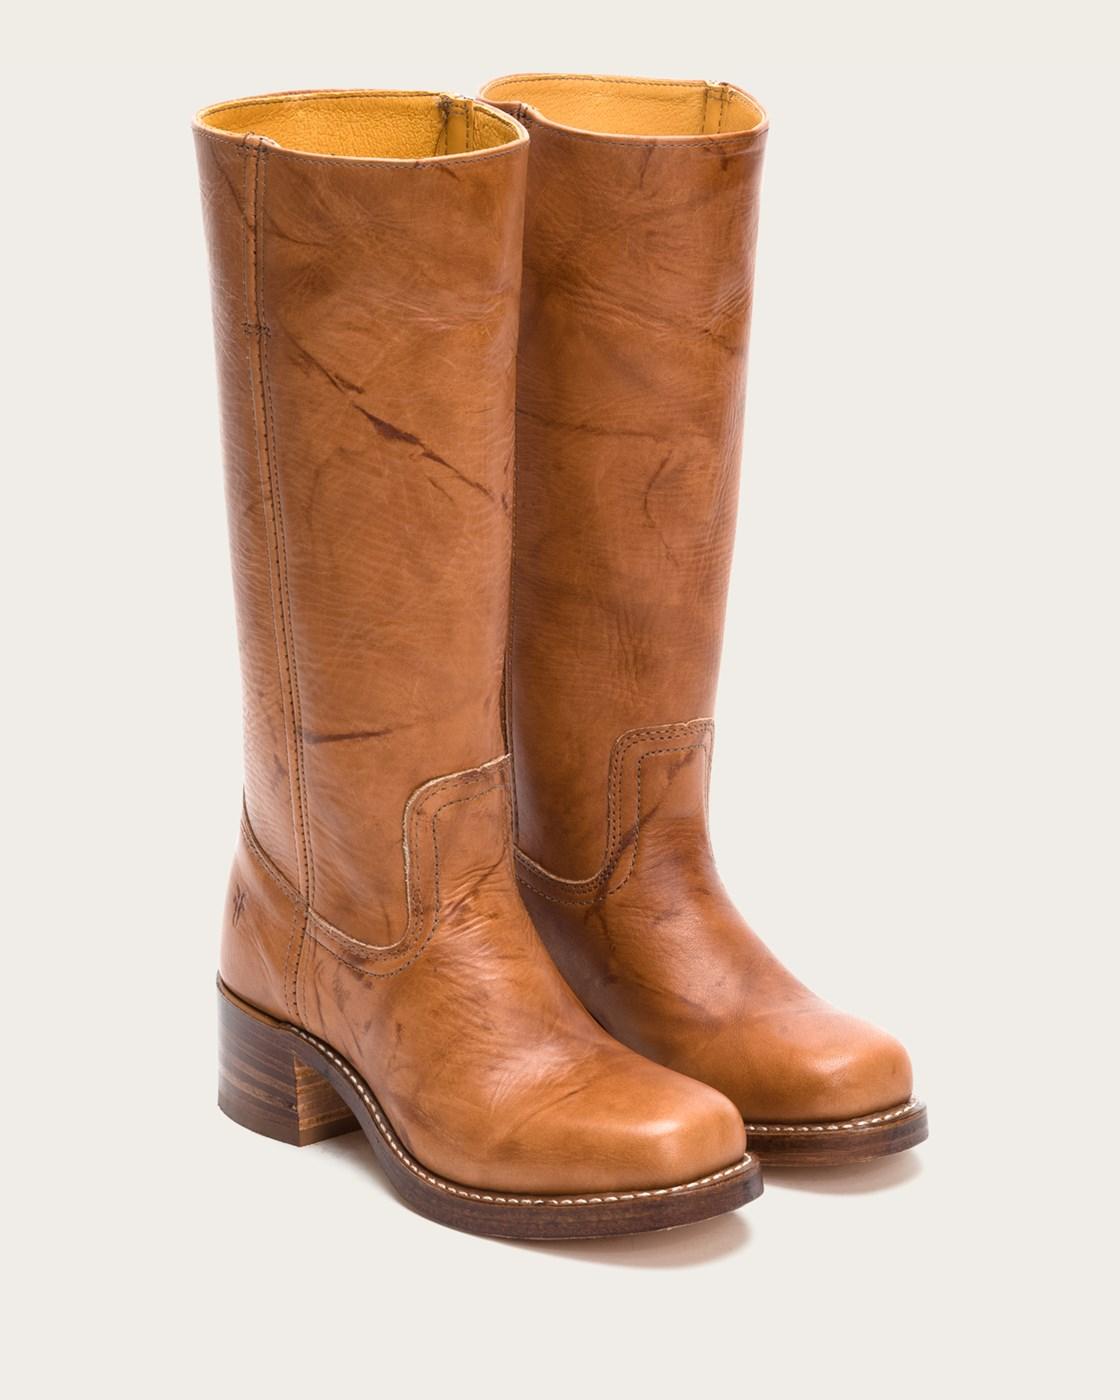 Us footwear: fry boots